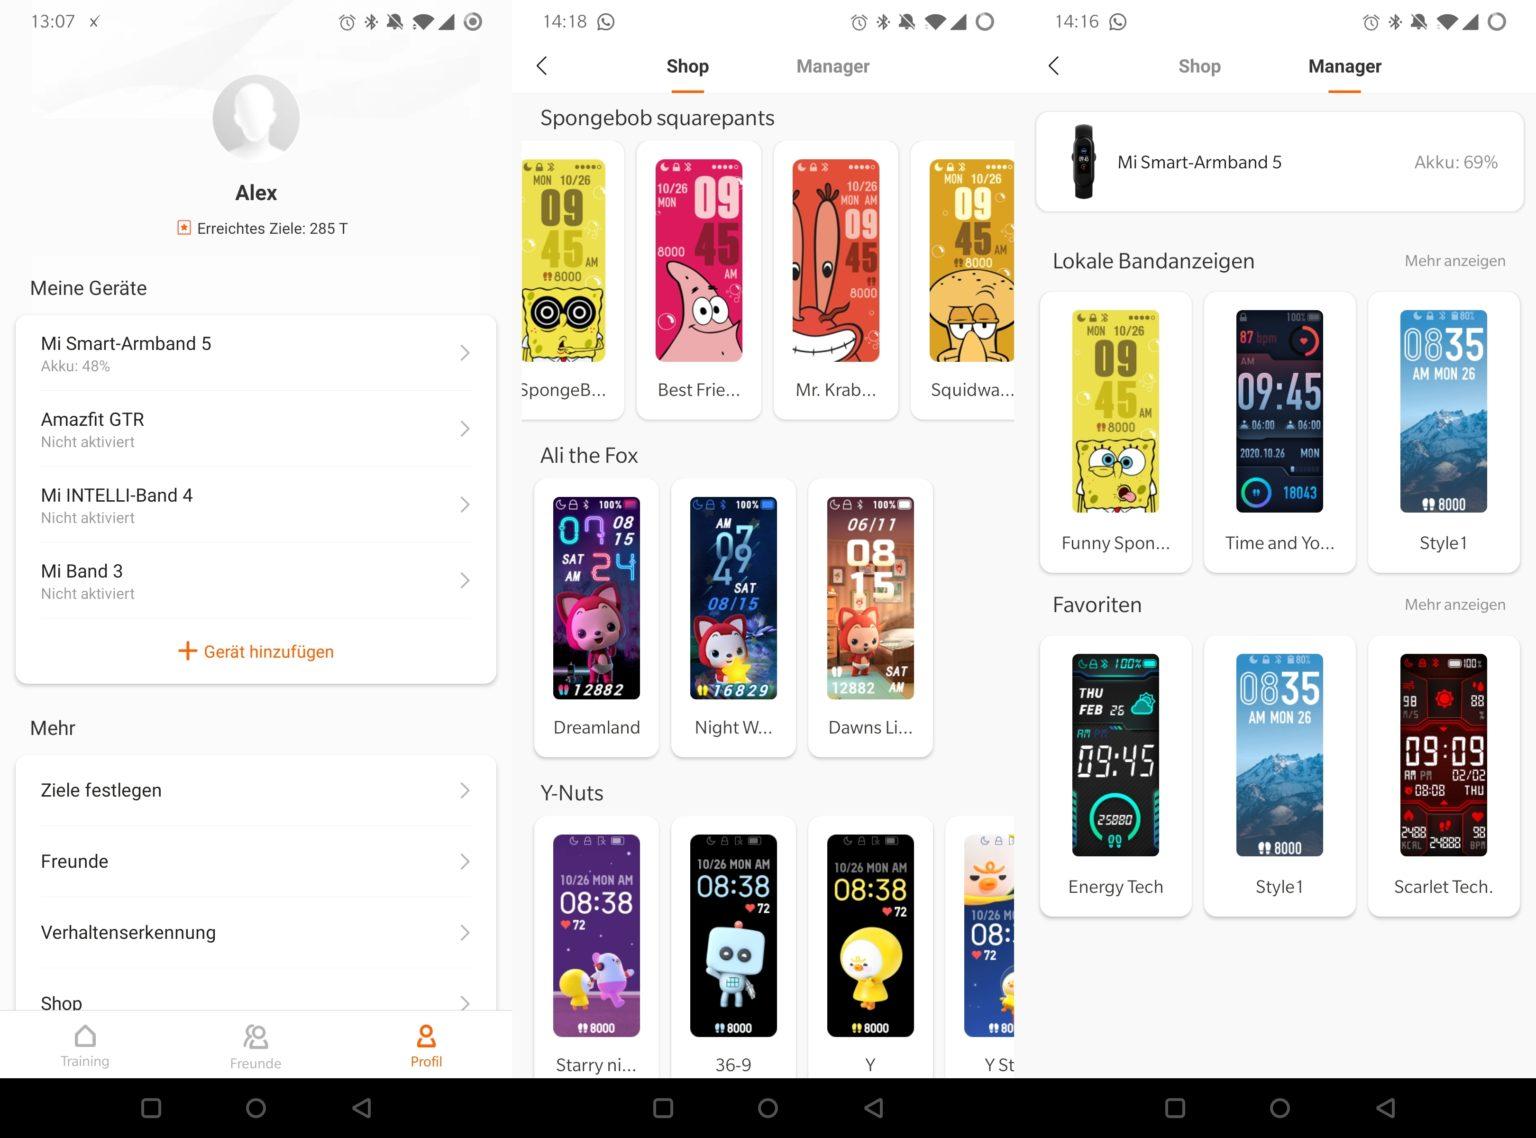 Perfil y tienda de Watchfaces para la Xiaomi mi Band 5 en la App Mi Fit